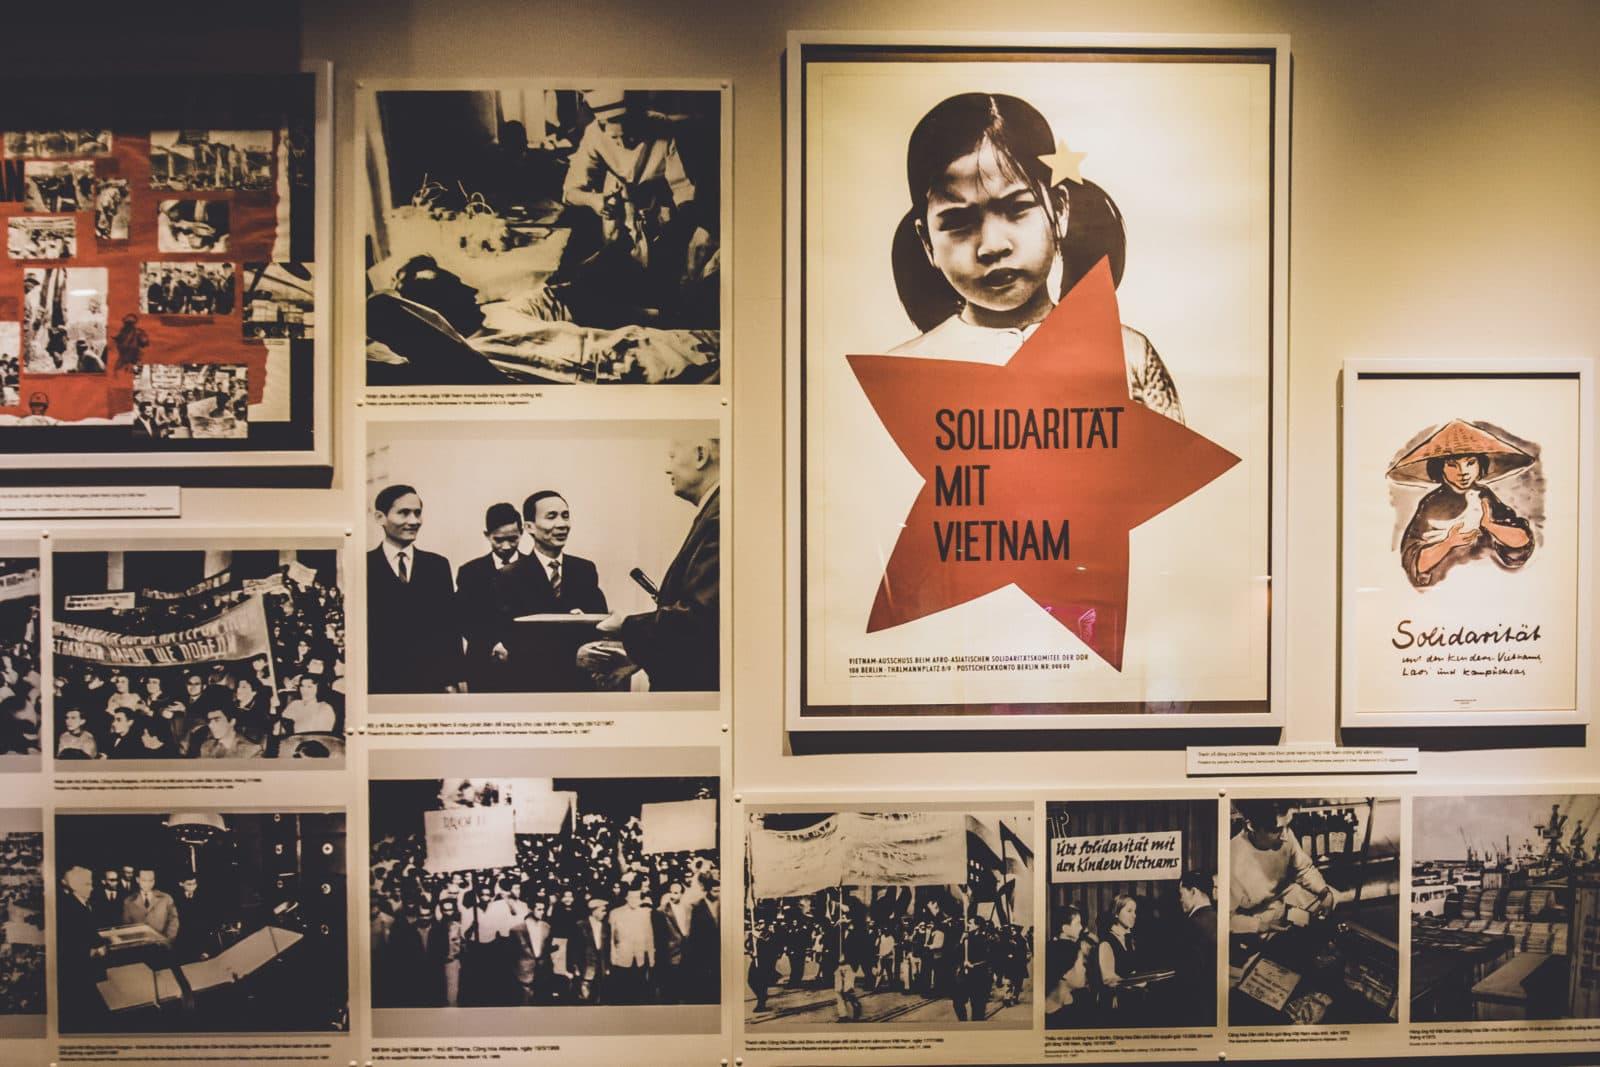 Plakat Solidarität mit Vietnam aus Vietnamkrieg